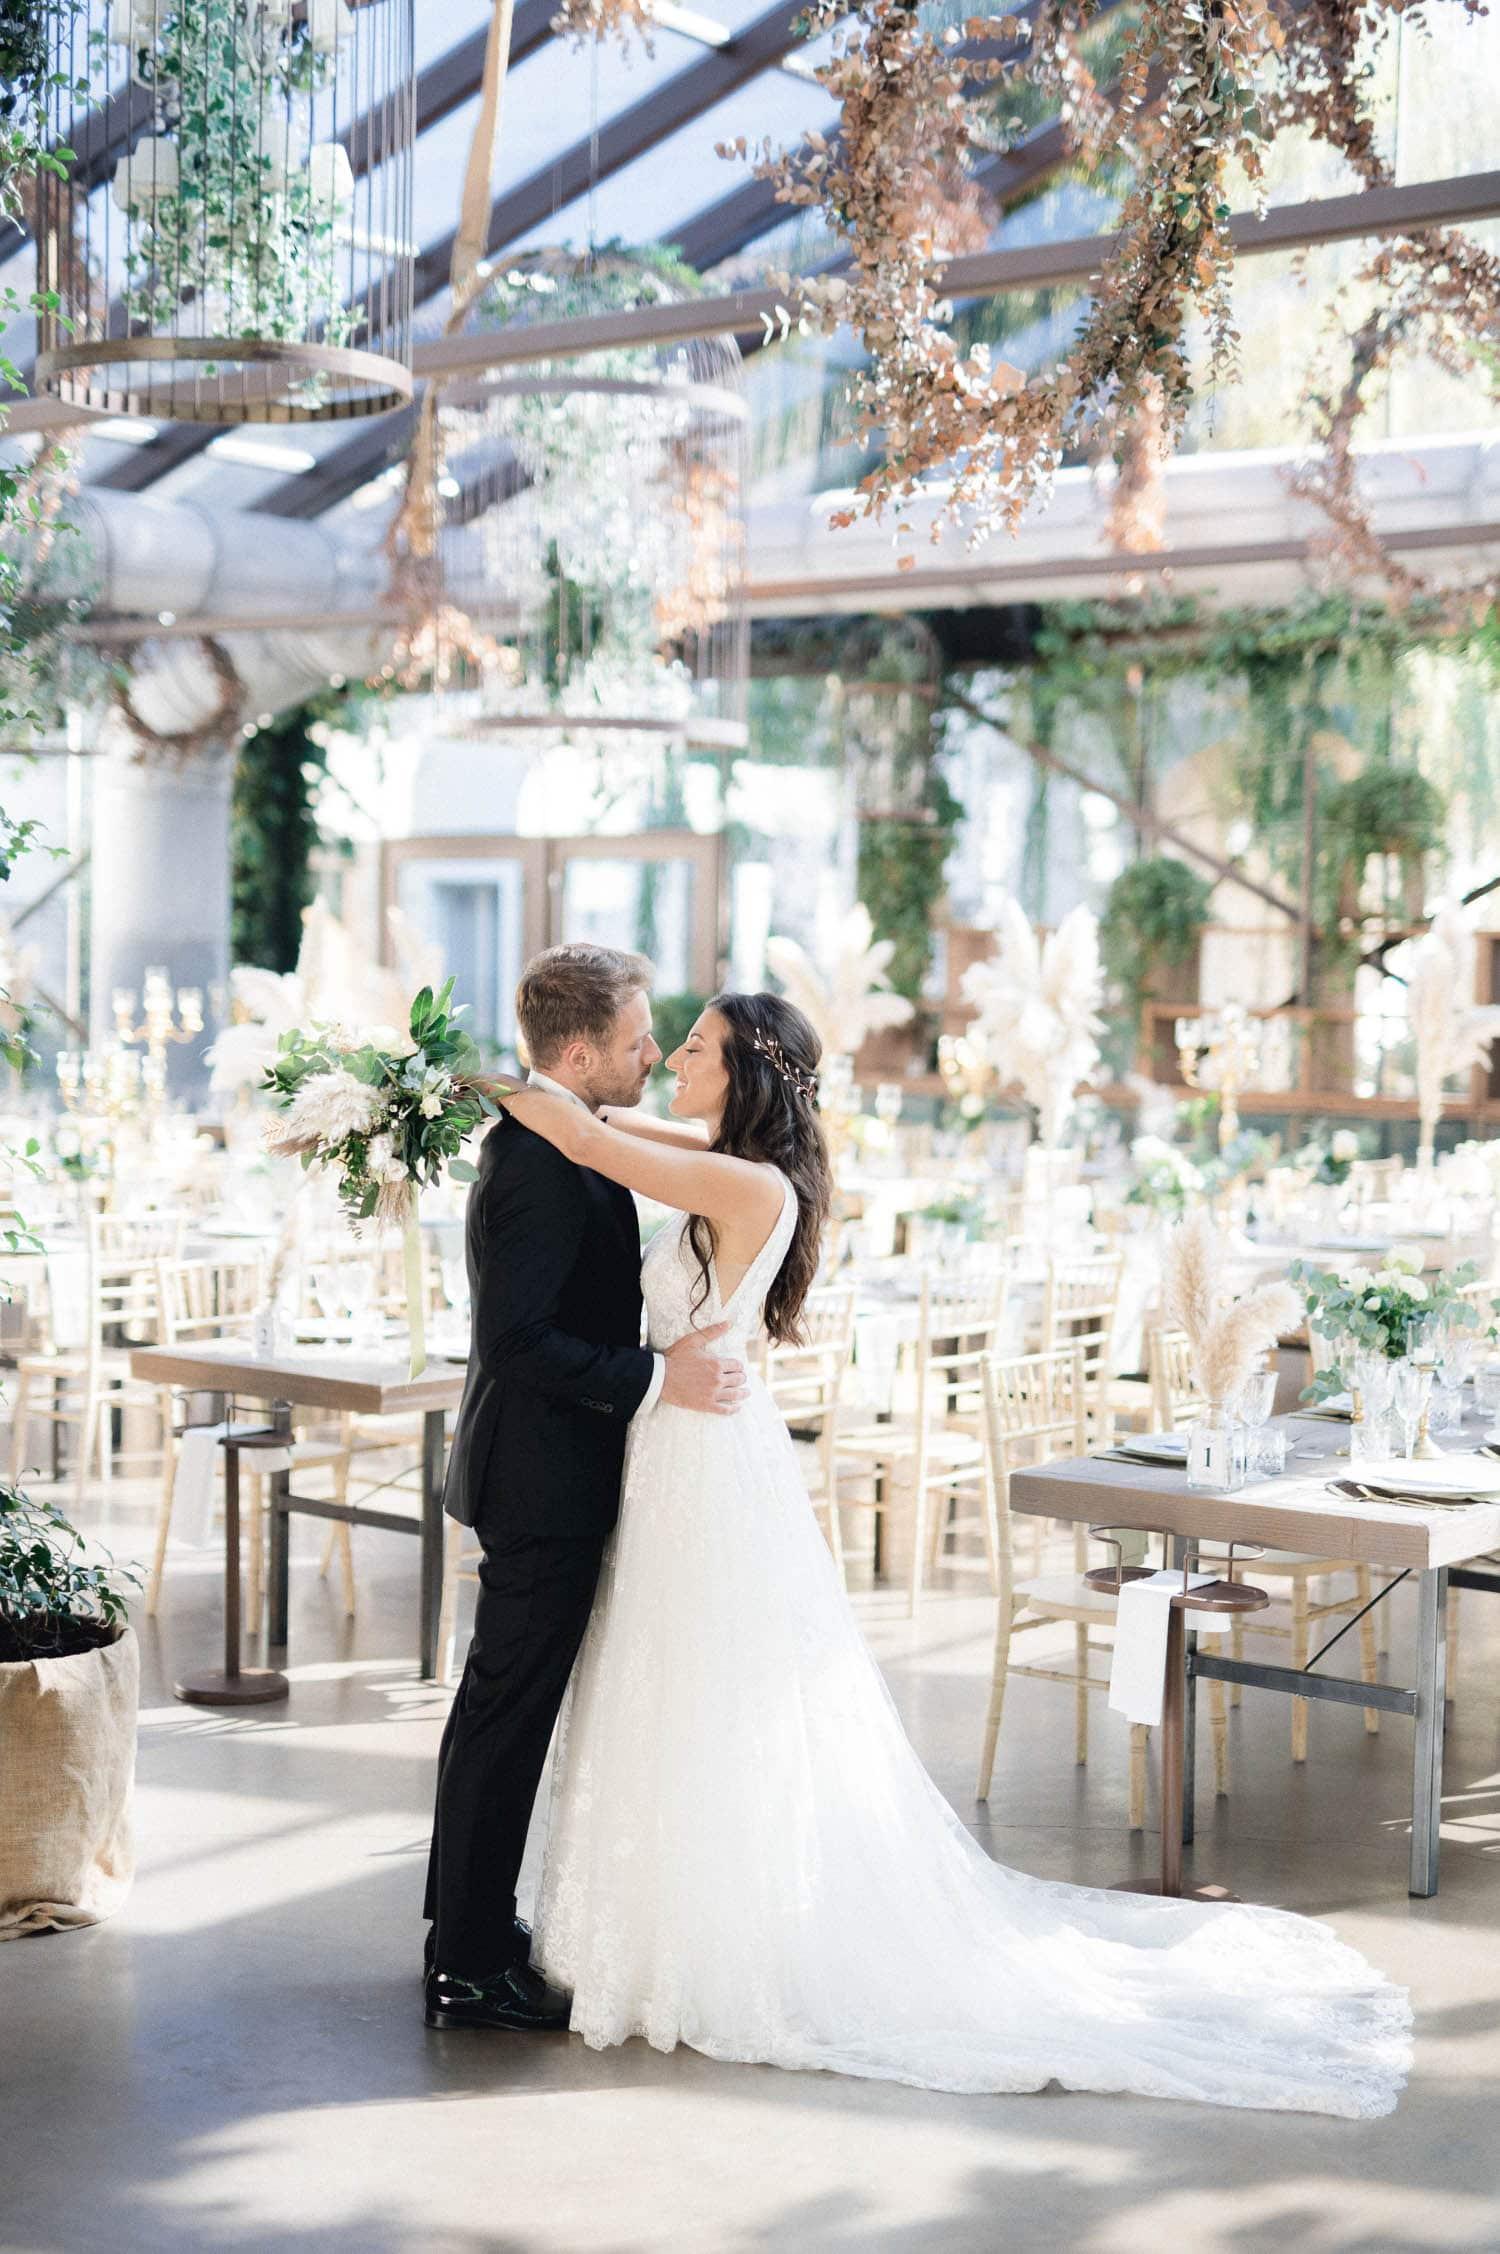 matrimonio-tenuta-acquaviva-mariocasati-26